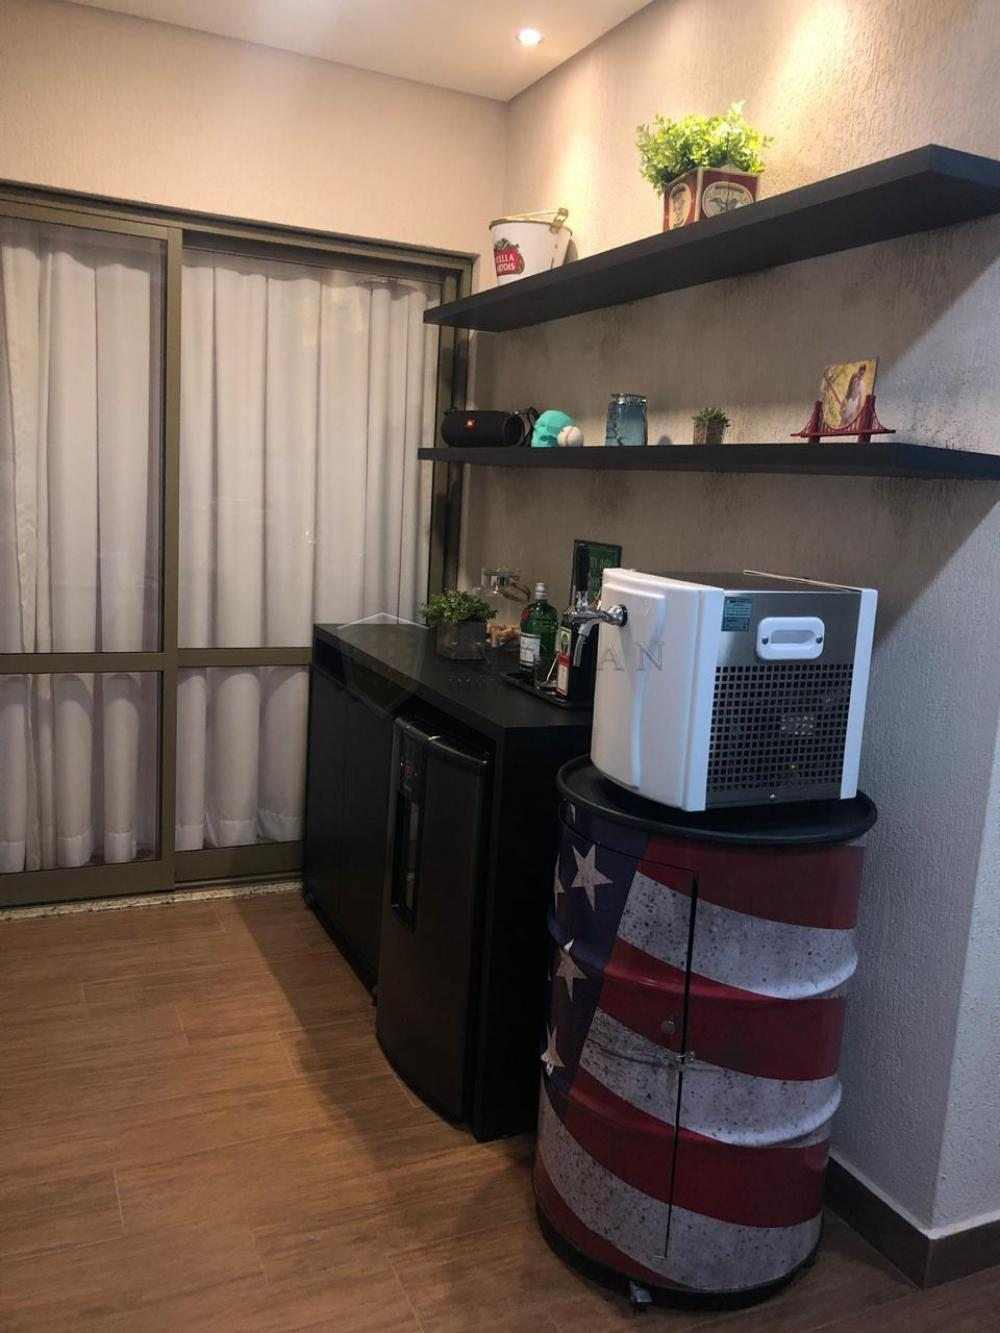 Comprar Apartamento / Padrão em Ribeirão Preto apenas R$ 695.000,00 - Foto 20